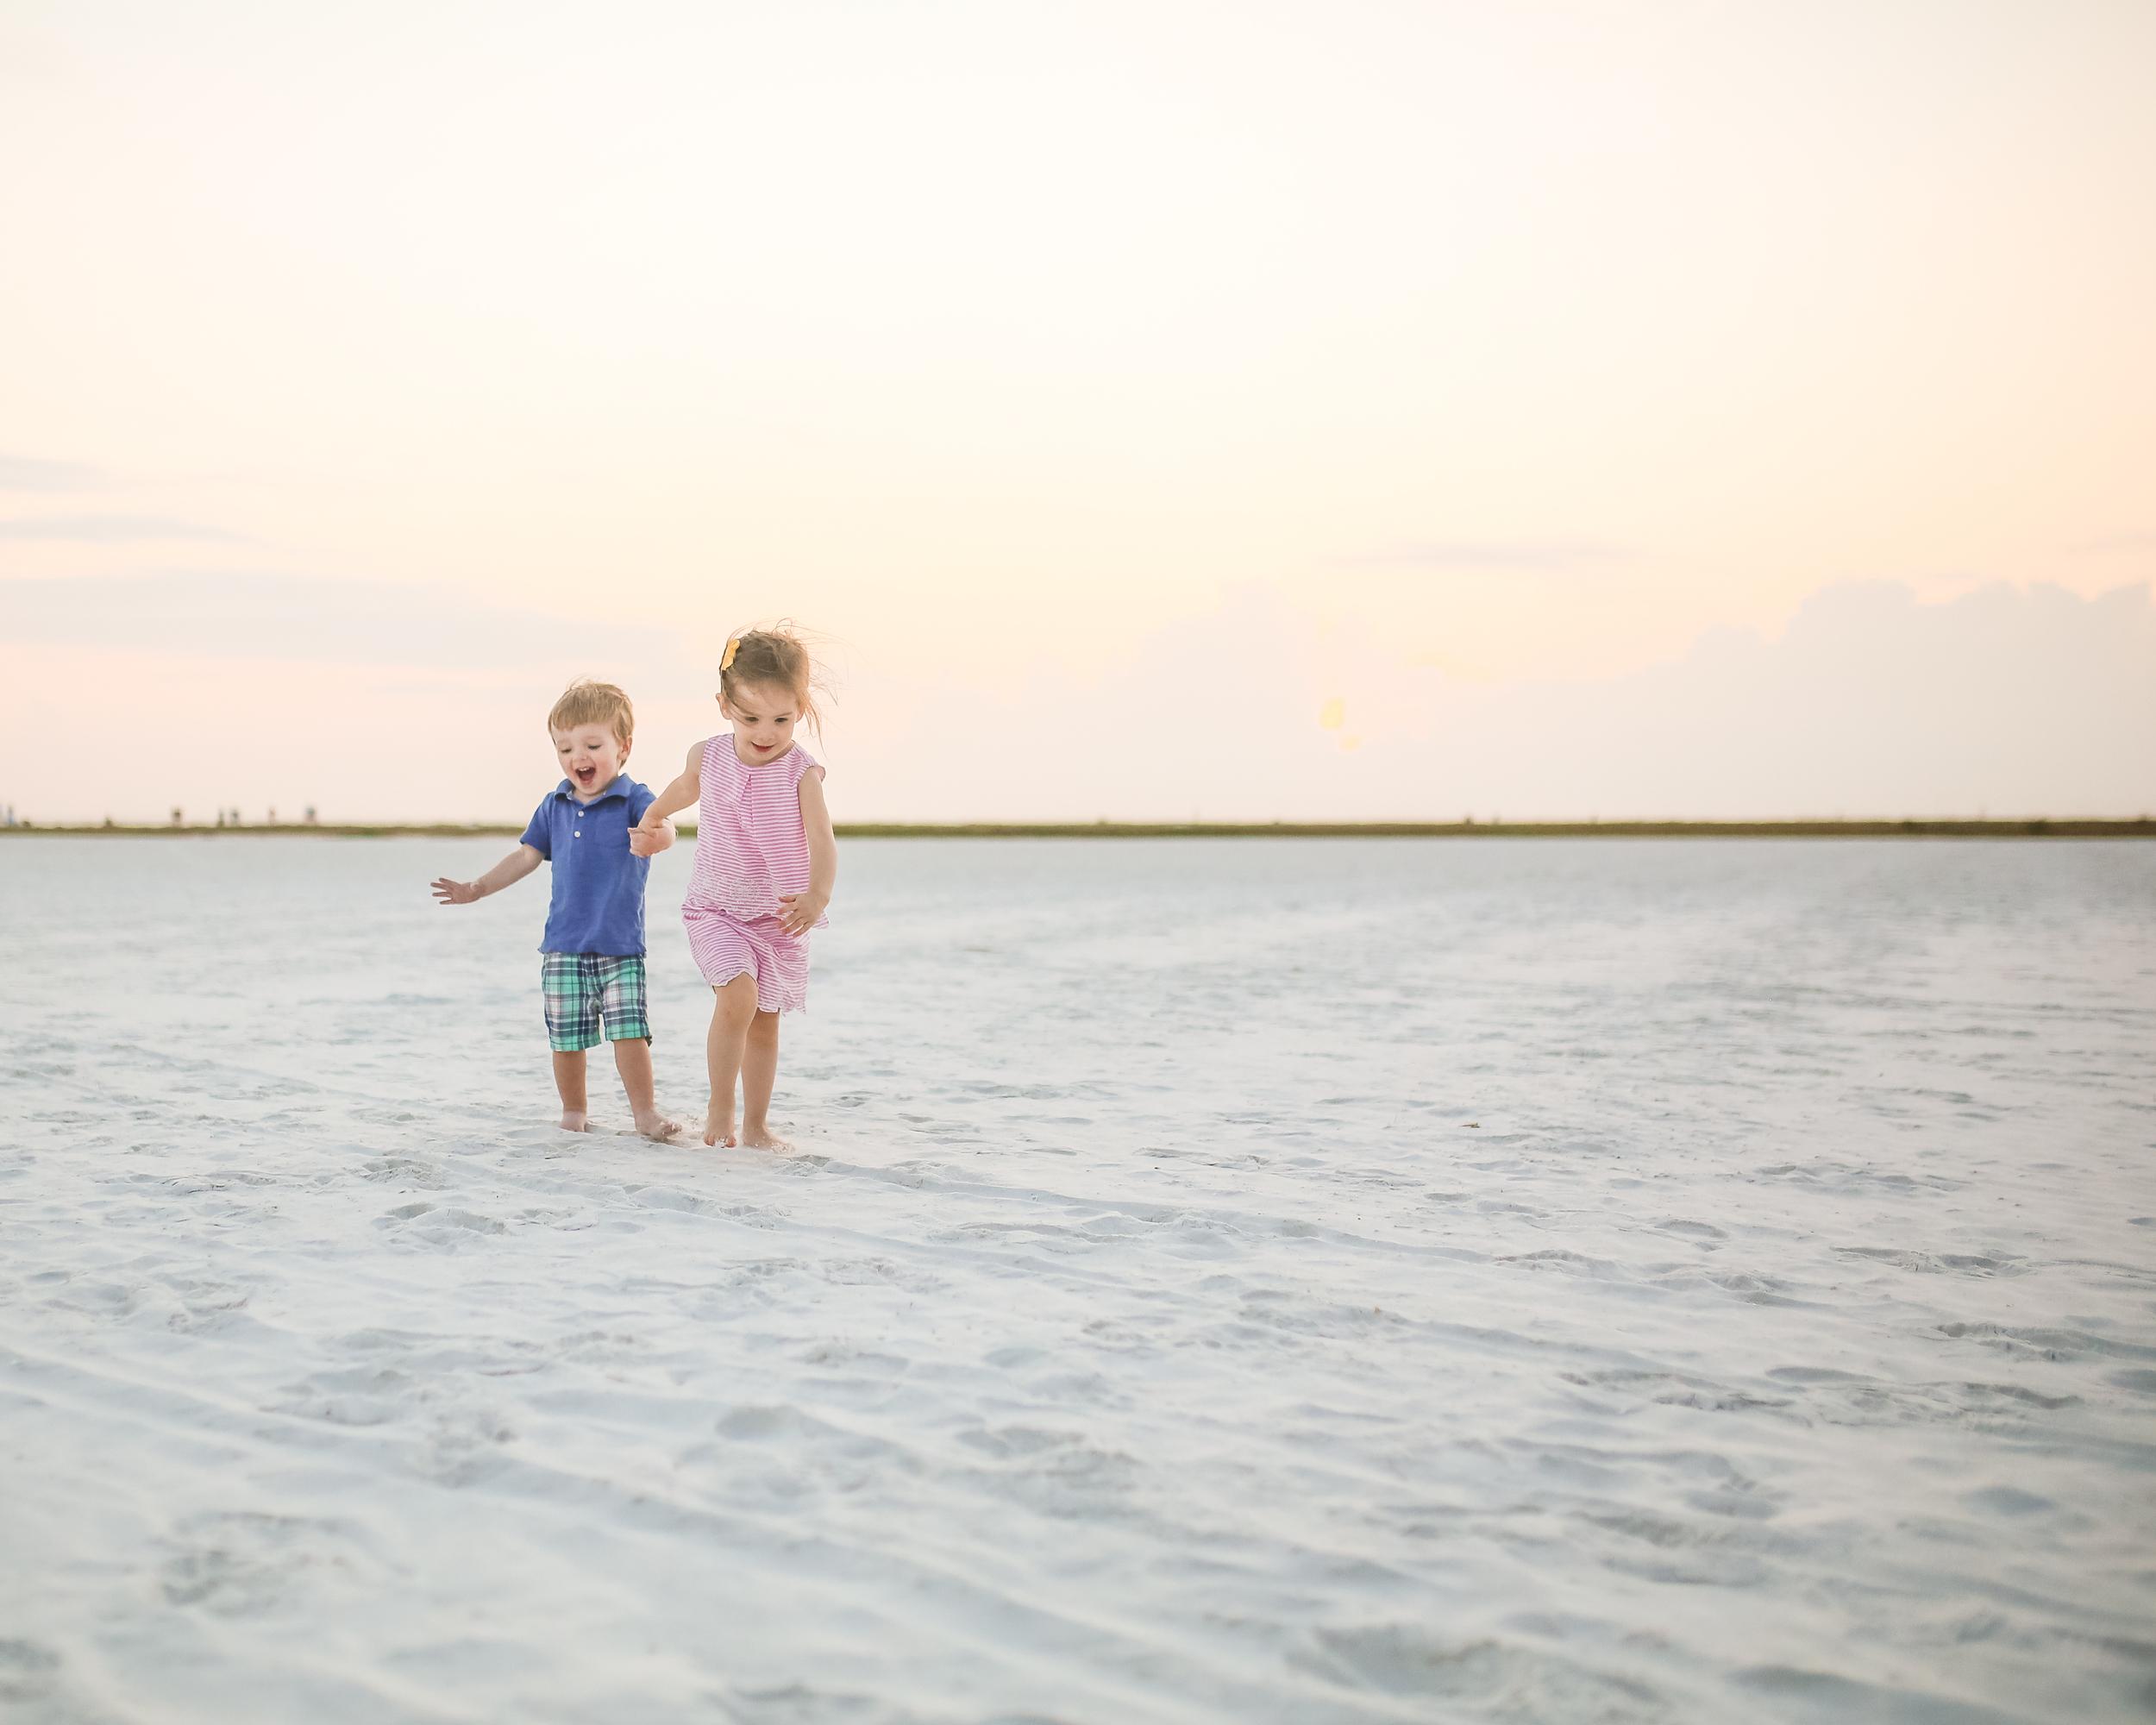 little friends running on beach